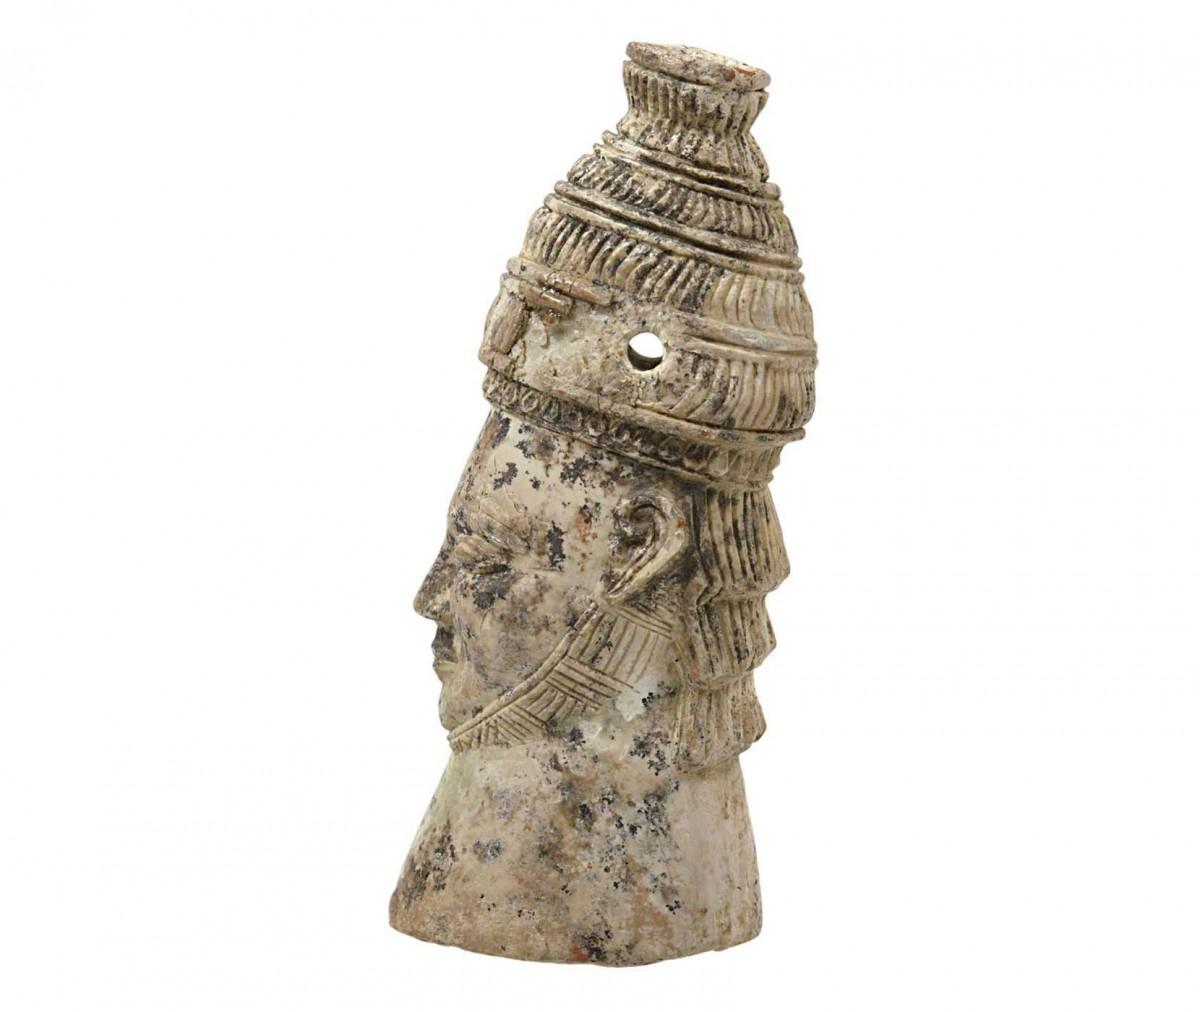 Ανάγλυφο πλακίδιο σε σχήμα κεφαλής άνδρα που φορά οδοντόφρακτο κράνος. Έκθεση Μυκηναϊκών Αρχαιοτήτων, αίθουσα 3, προθήκη μ2 (Εθνικό Αρχαιολογικό Μουσείο, αρ. ευρ. 2055).